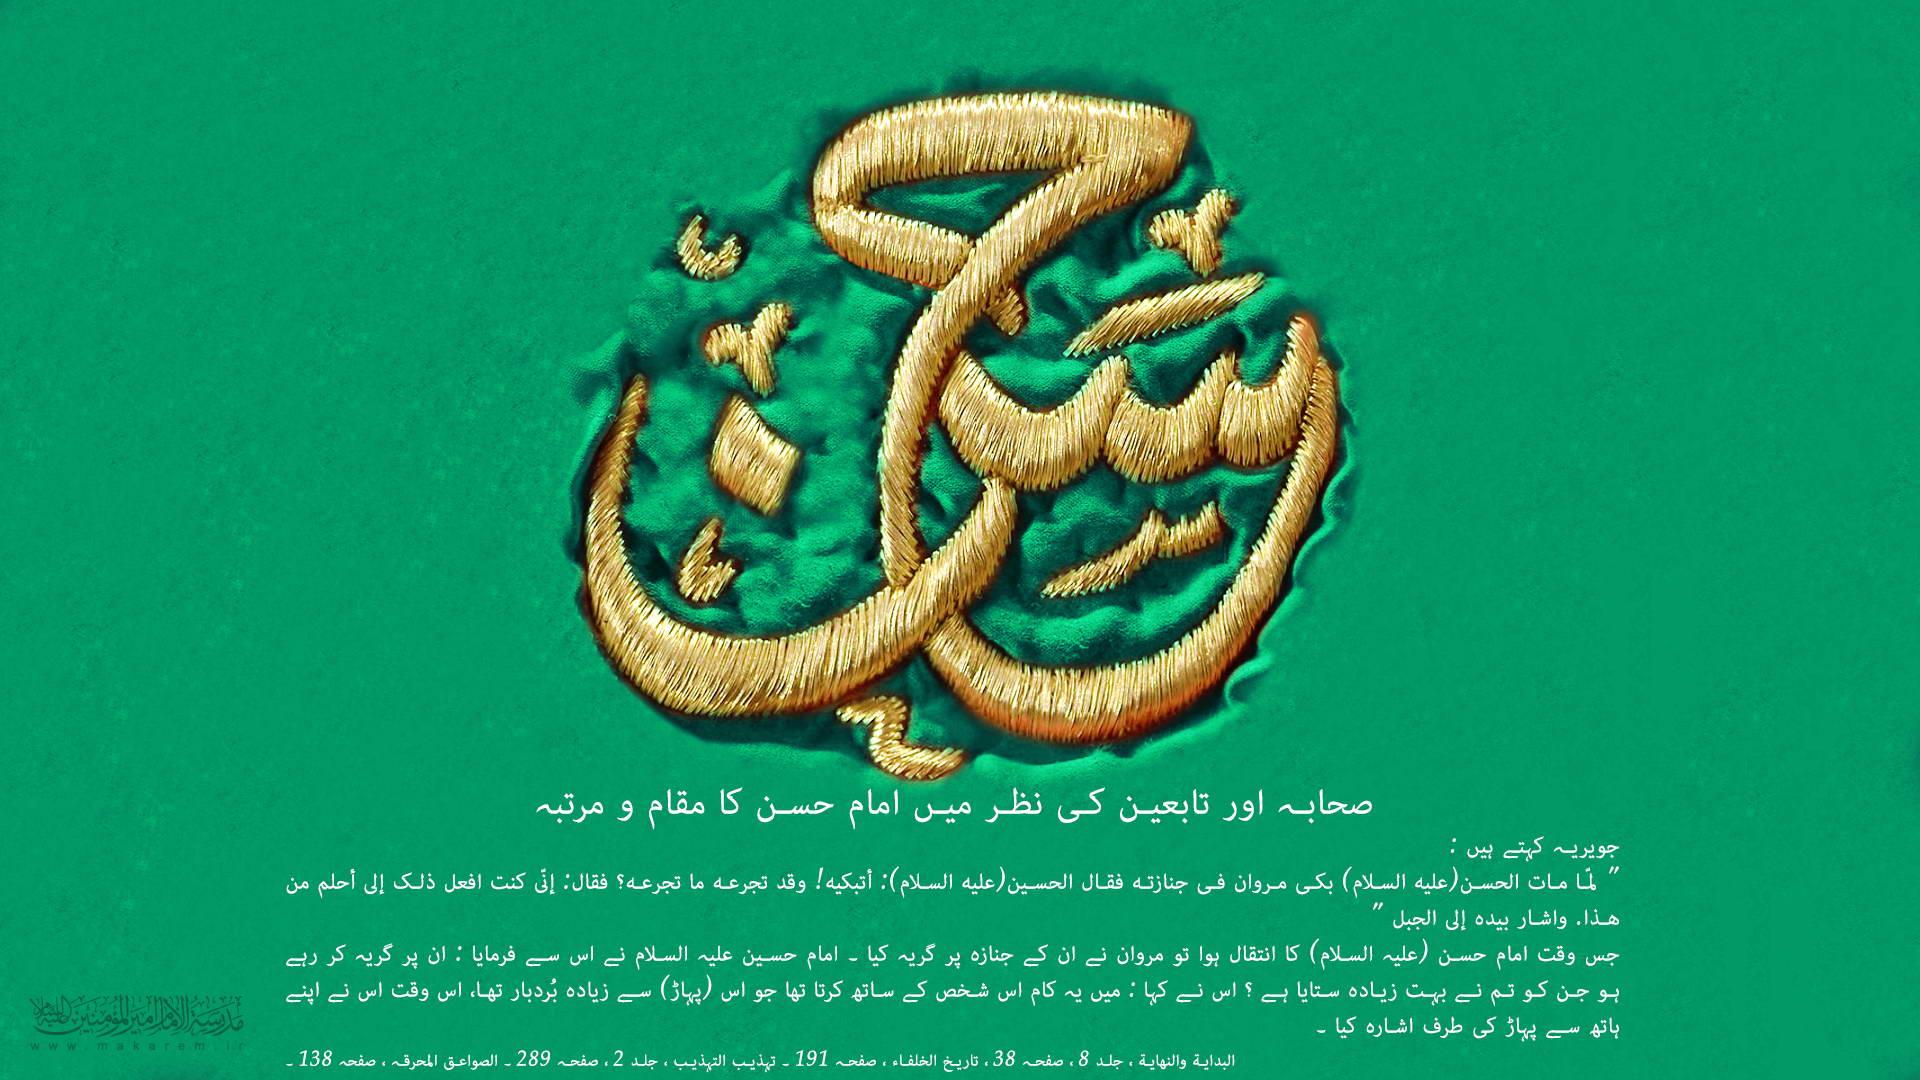 شهادت امام حسن علیه السلام-مدرسه الامام امیر المومنین (ع)